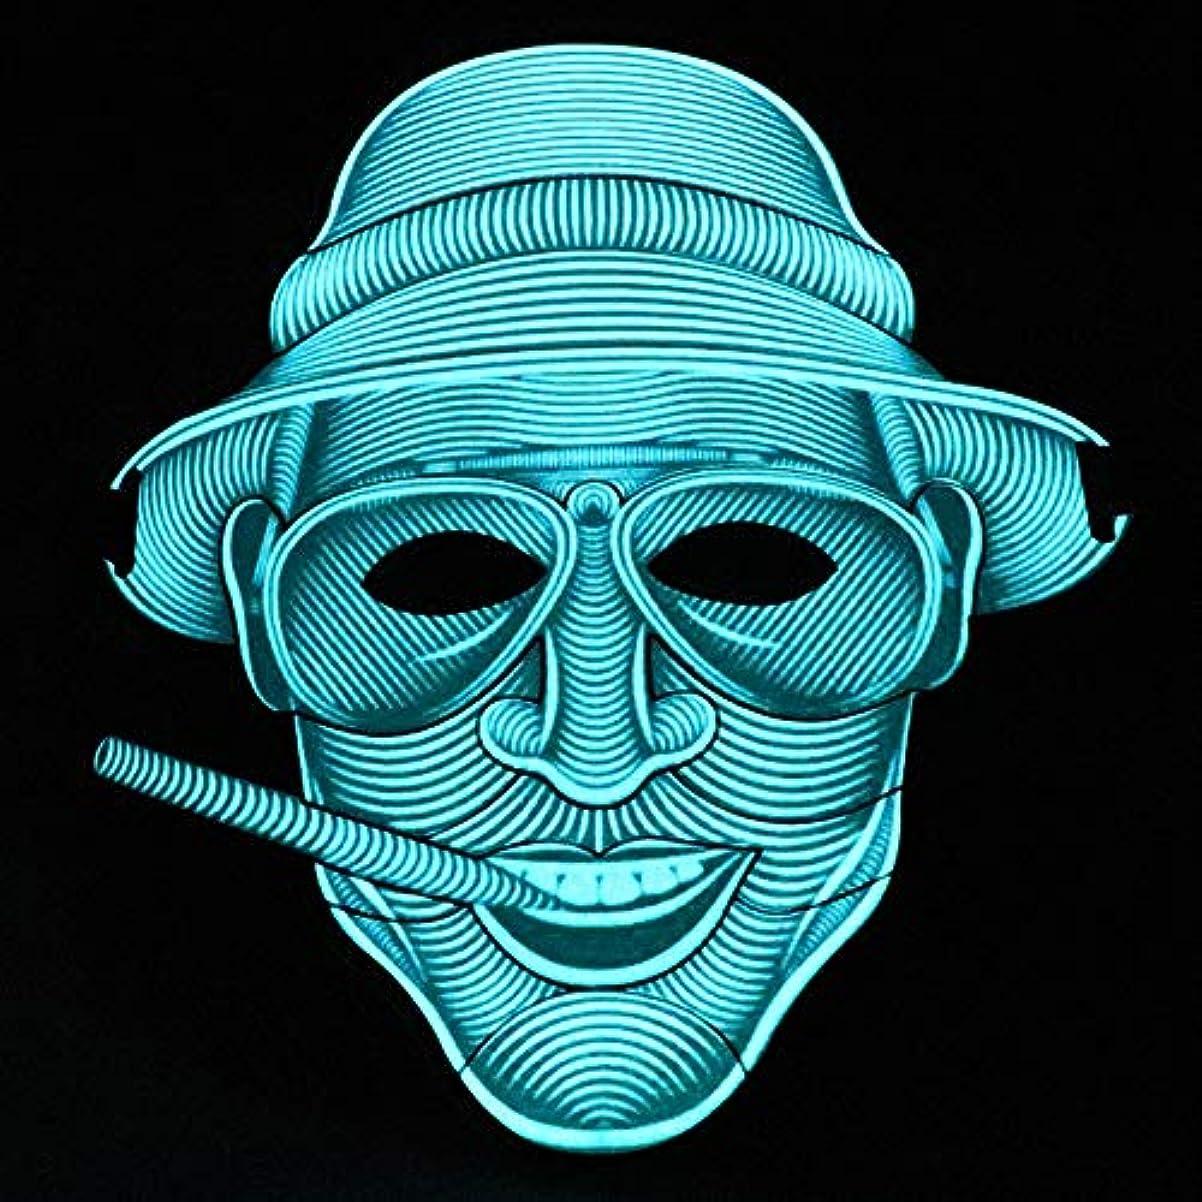 承認するラリー予見する照らされたマスクLED創造的な冷光音響制御マスクハロウィンバーフェスティバルダンスマスク (Color : #10)